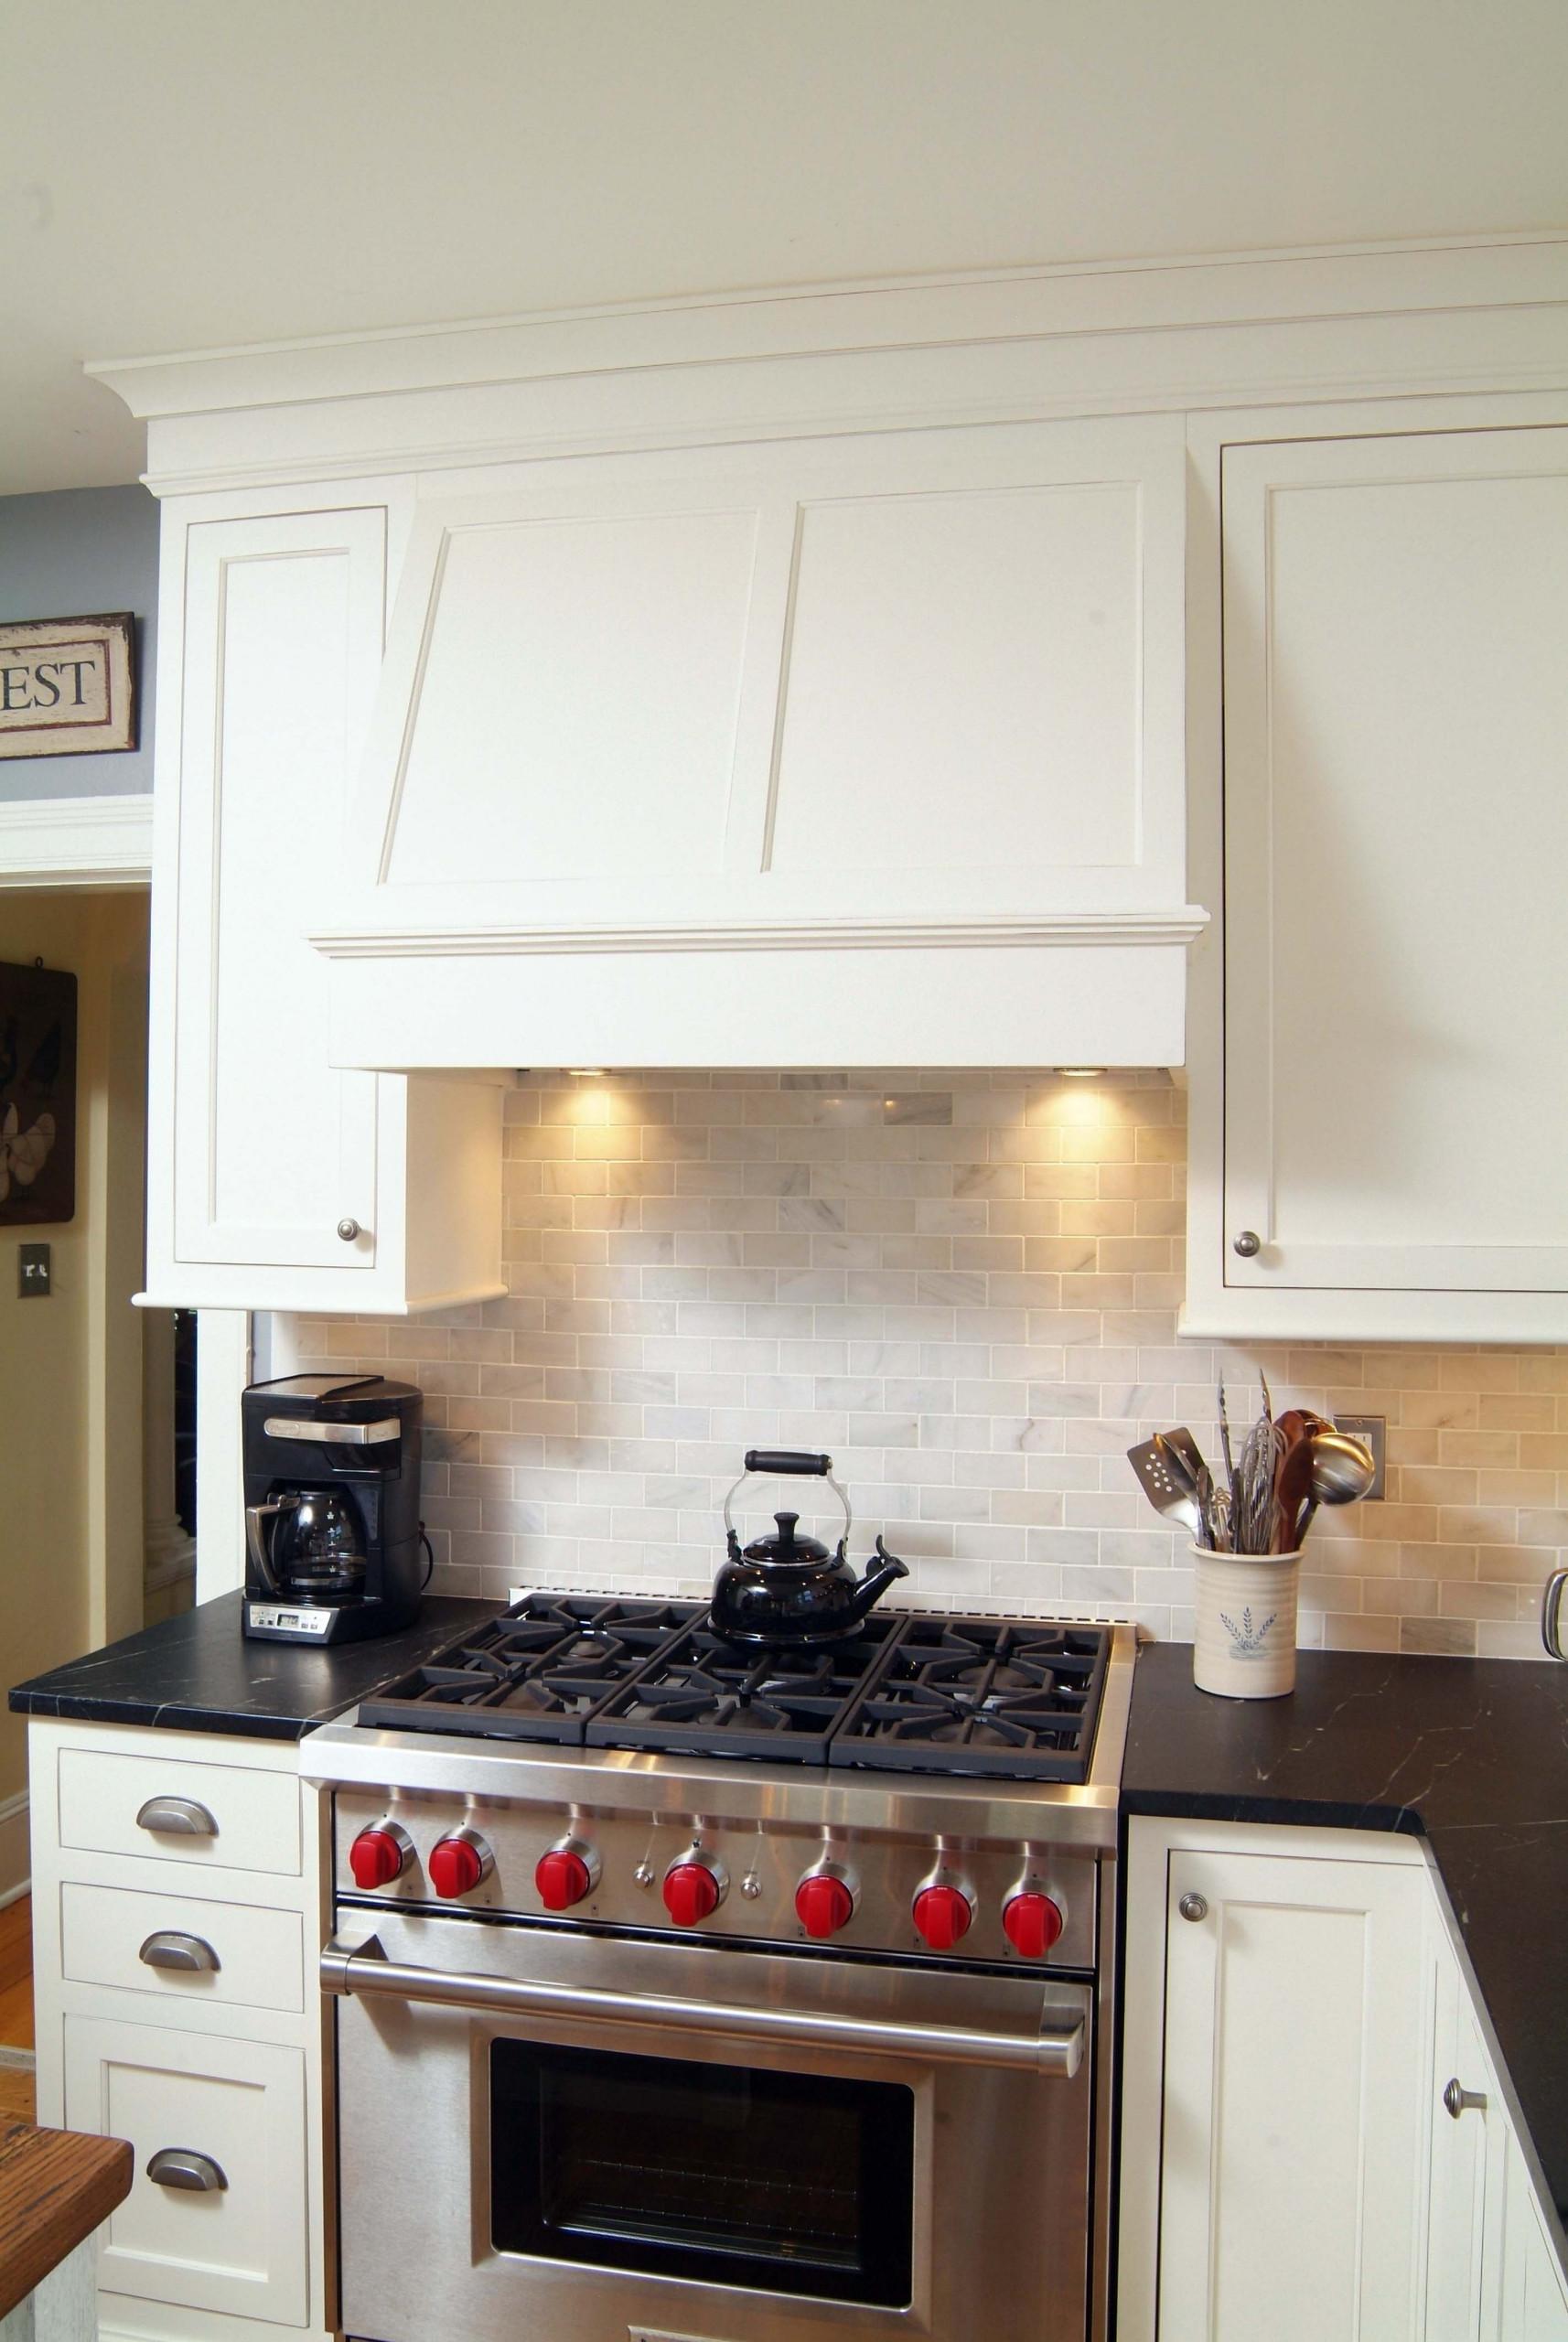 Shenandoah Kitchen & Home